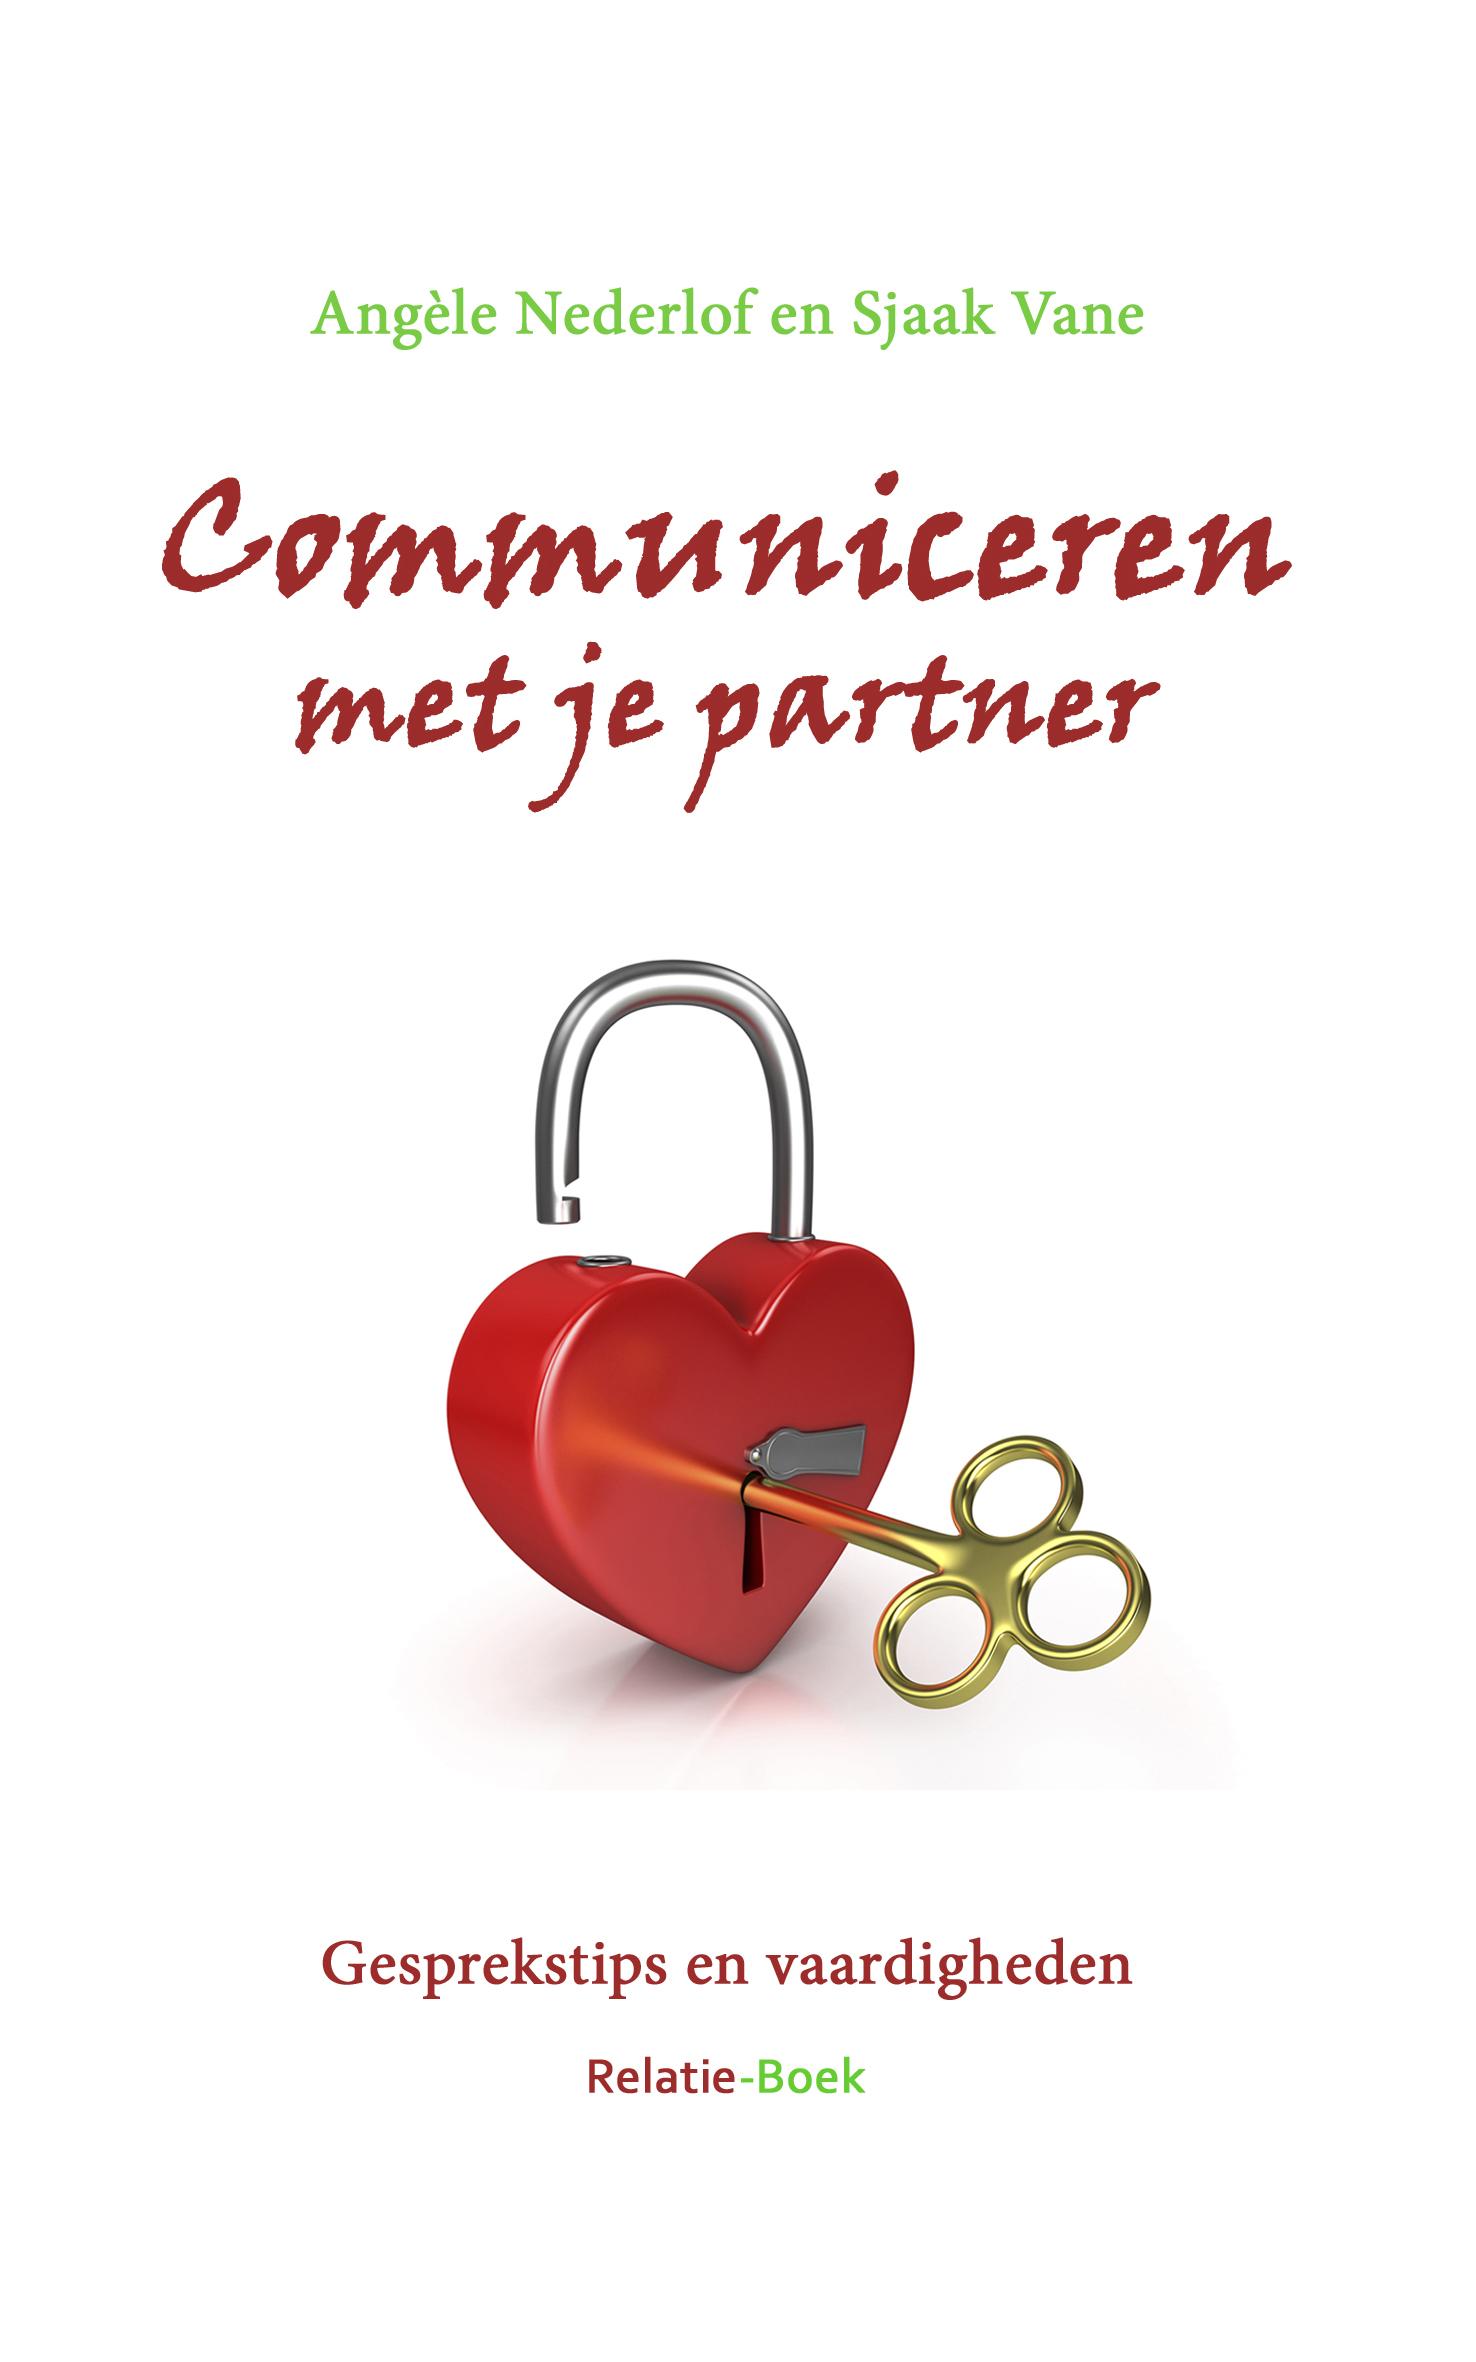 Communiceren met je partner | Relatie-Boek.nl: www.relatie-boek.nl/communiceren-met-je-partner